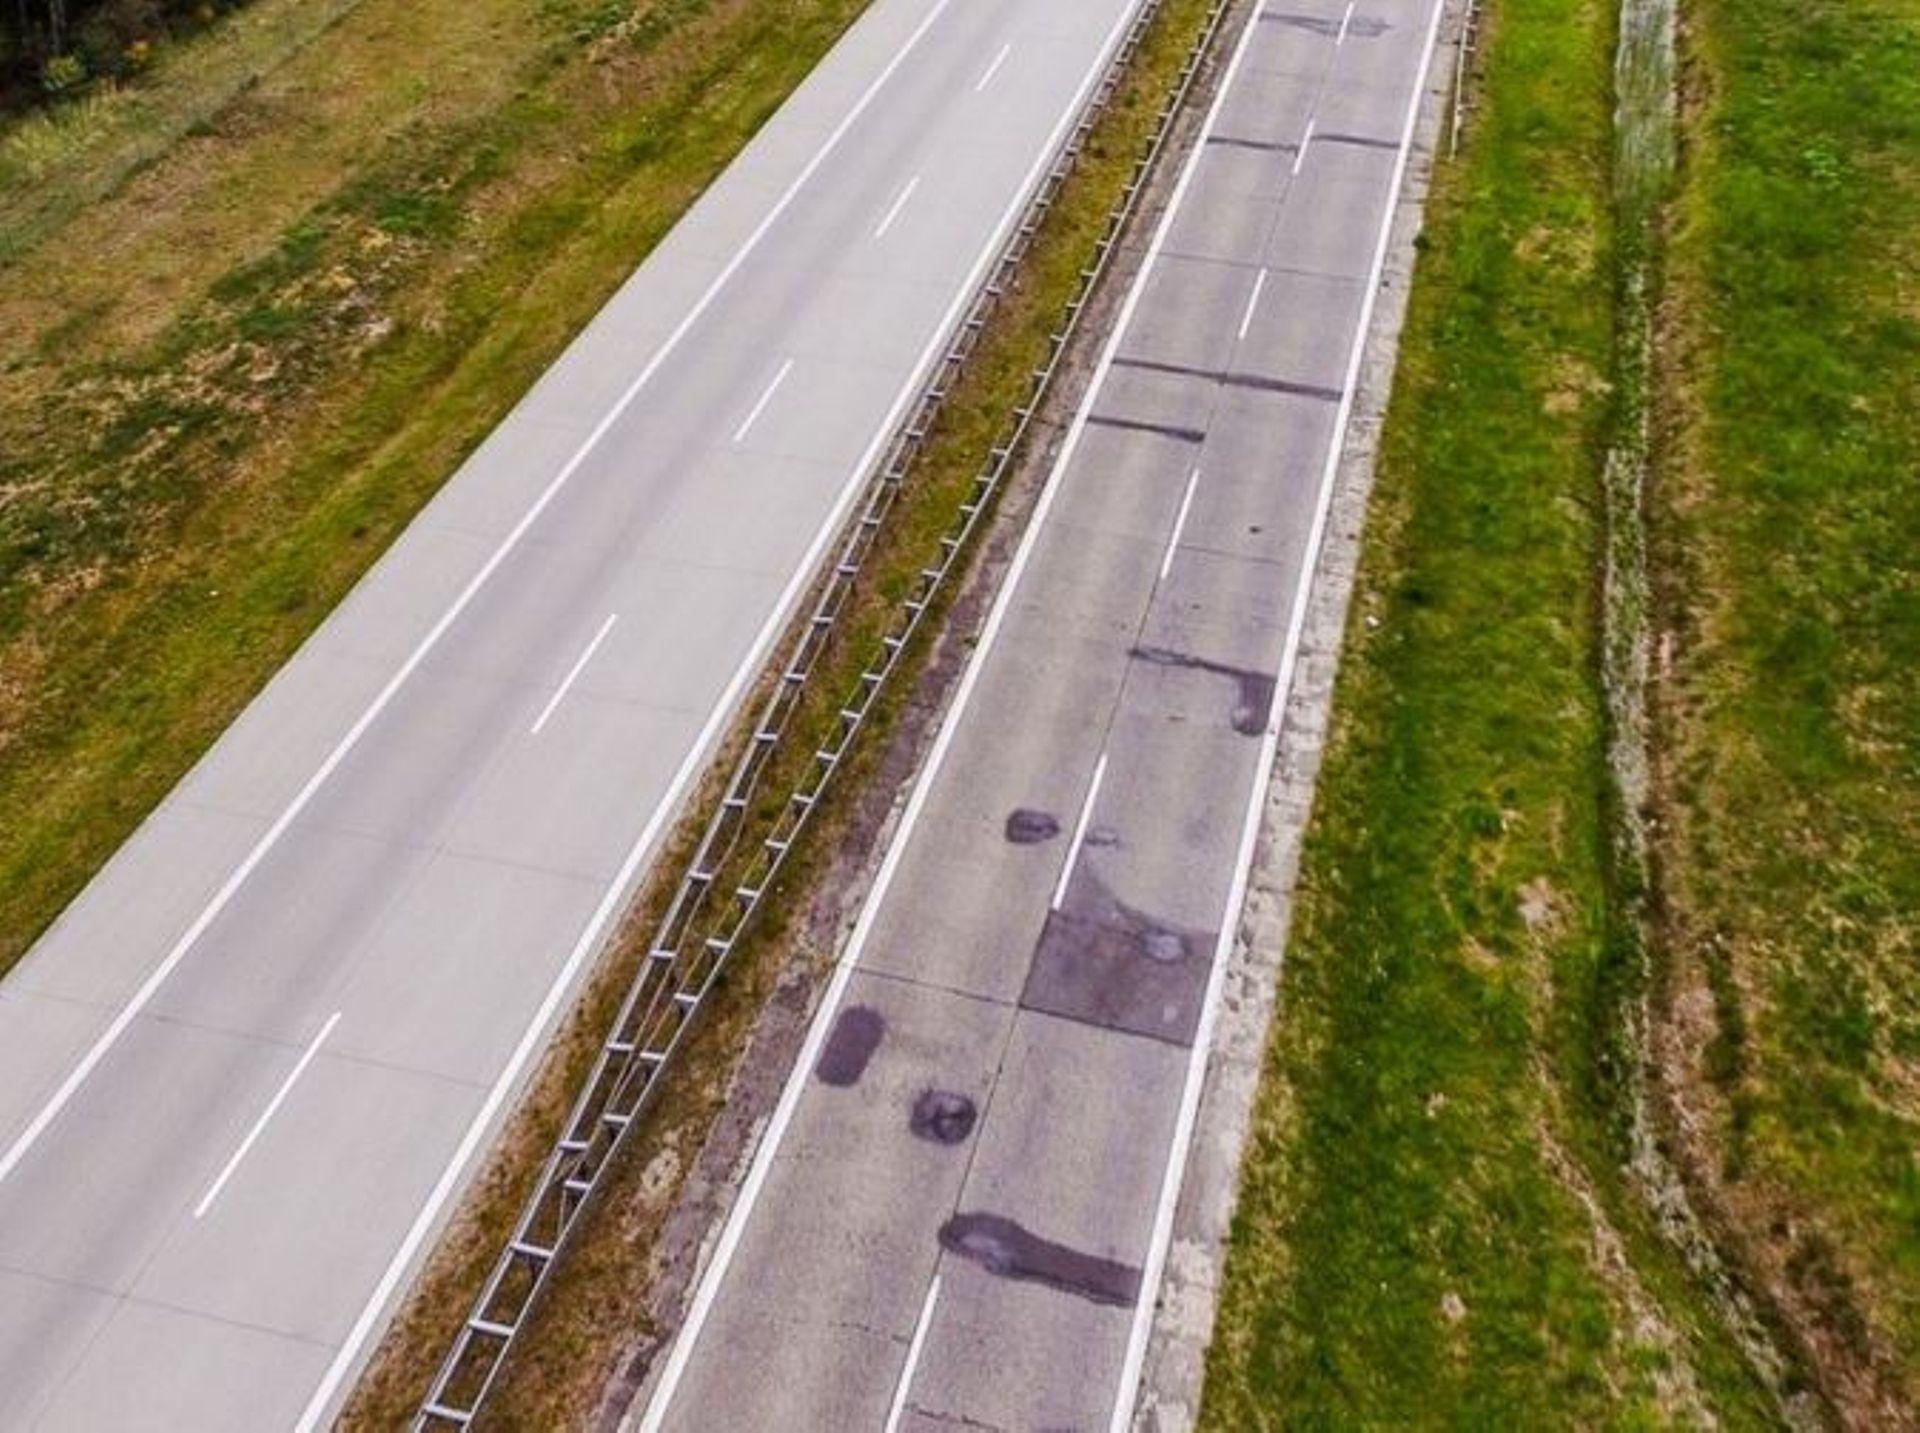 Jest siedmiu chętnych na przebudowę kolejnych 16 kilometrów autostrady A18 z Berlina